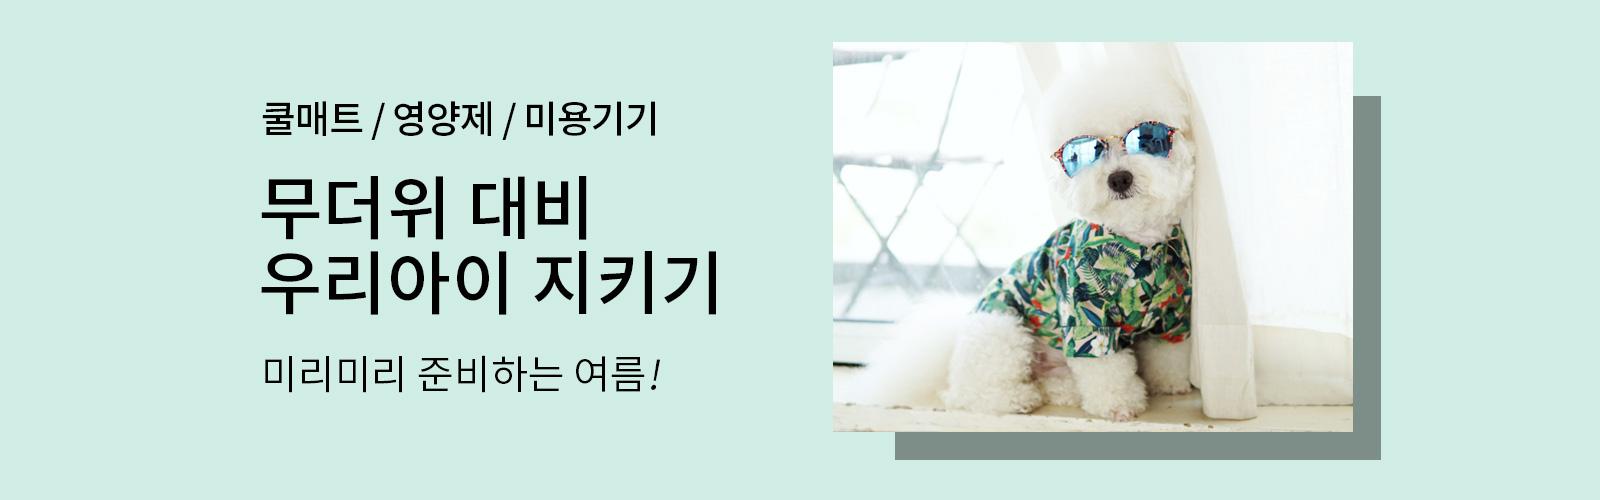 쿨매트/영양제/미용기기 무더위 대비 우리아이 지키기 미리미리 준비하는 여름!